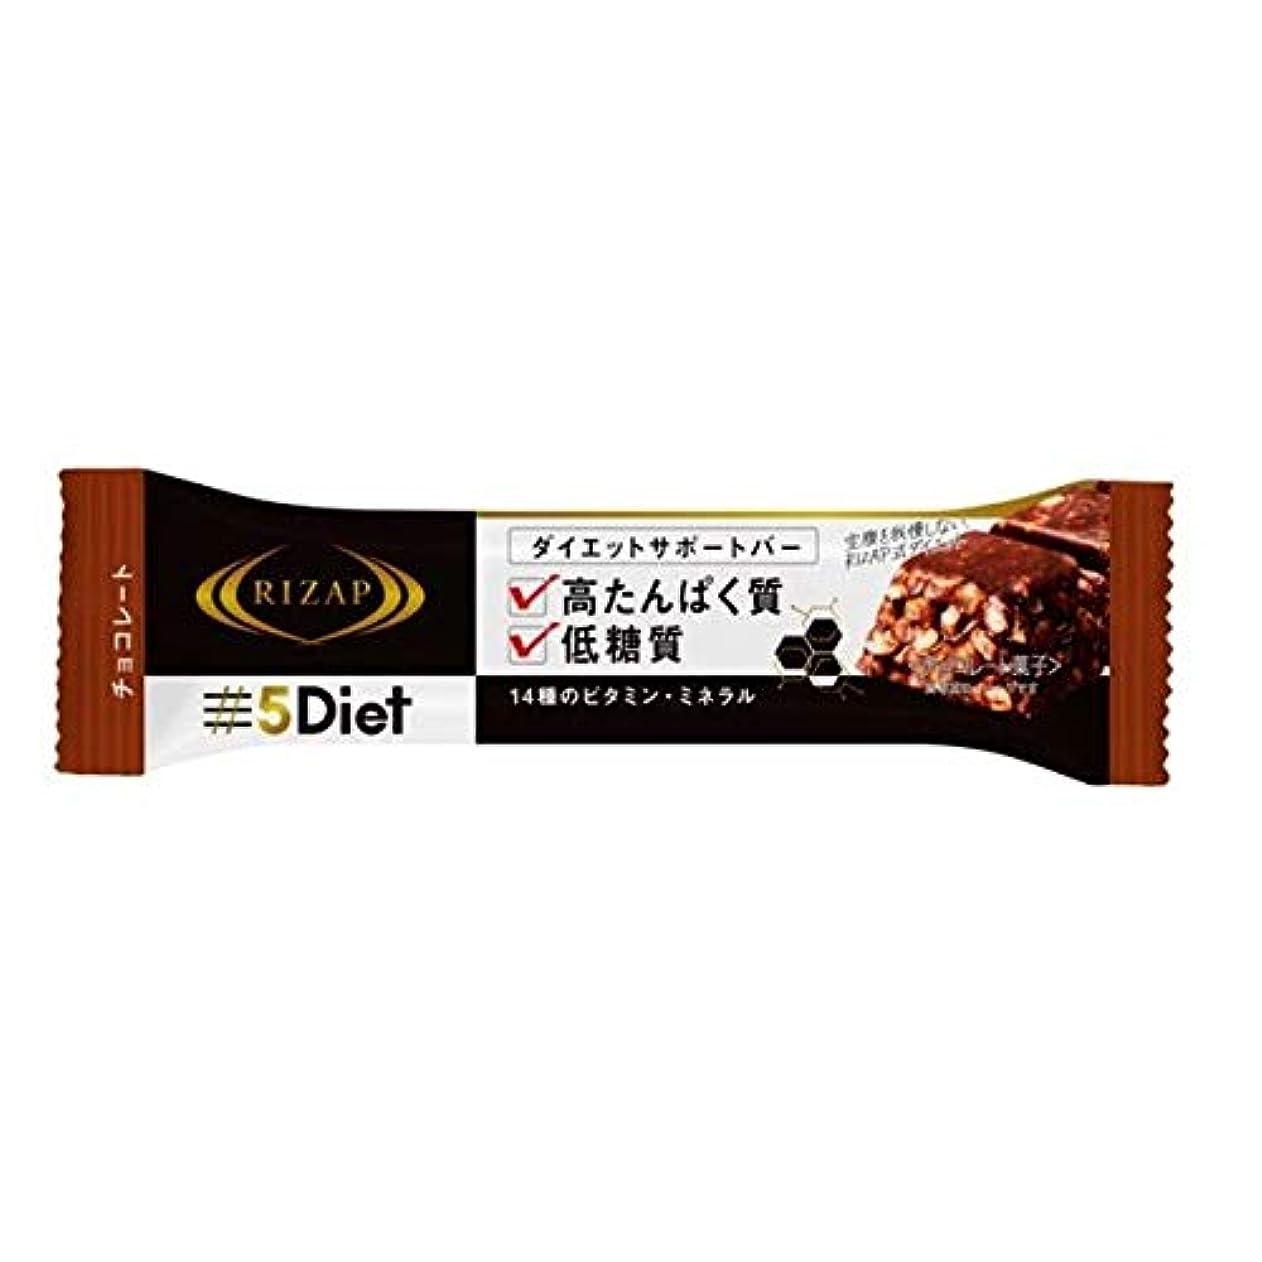 スピーカー雄弁な深める◆RIZAP(ライザップ) ダイエットサポートバー チョコレート 30g【6個セット】